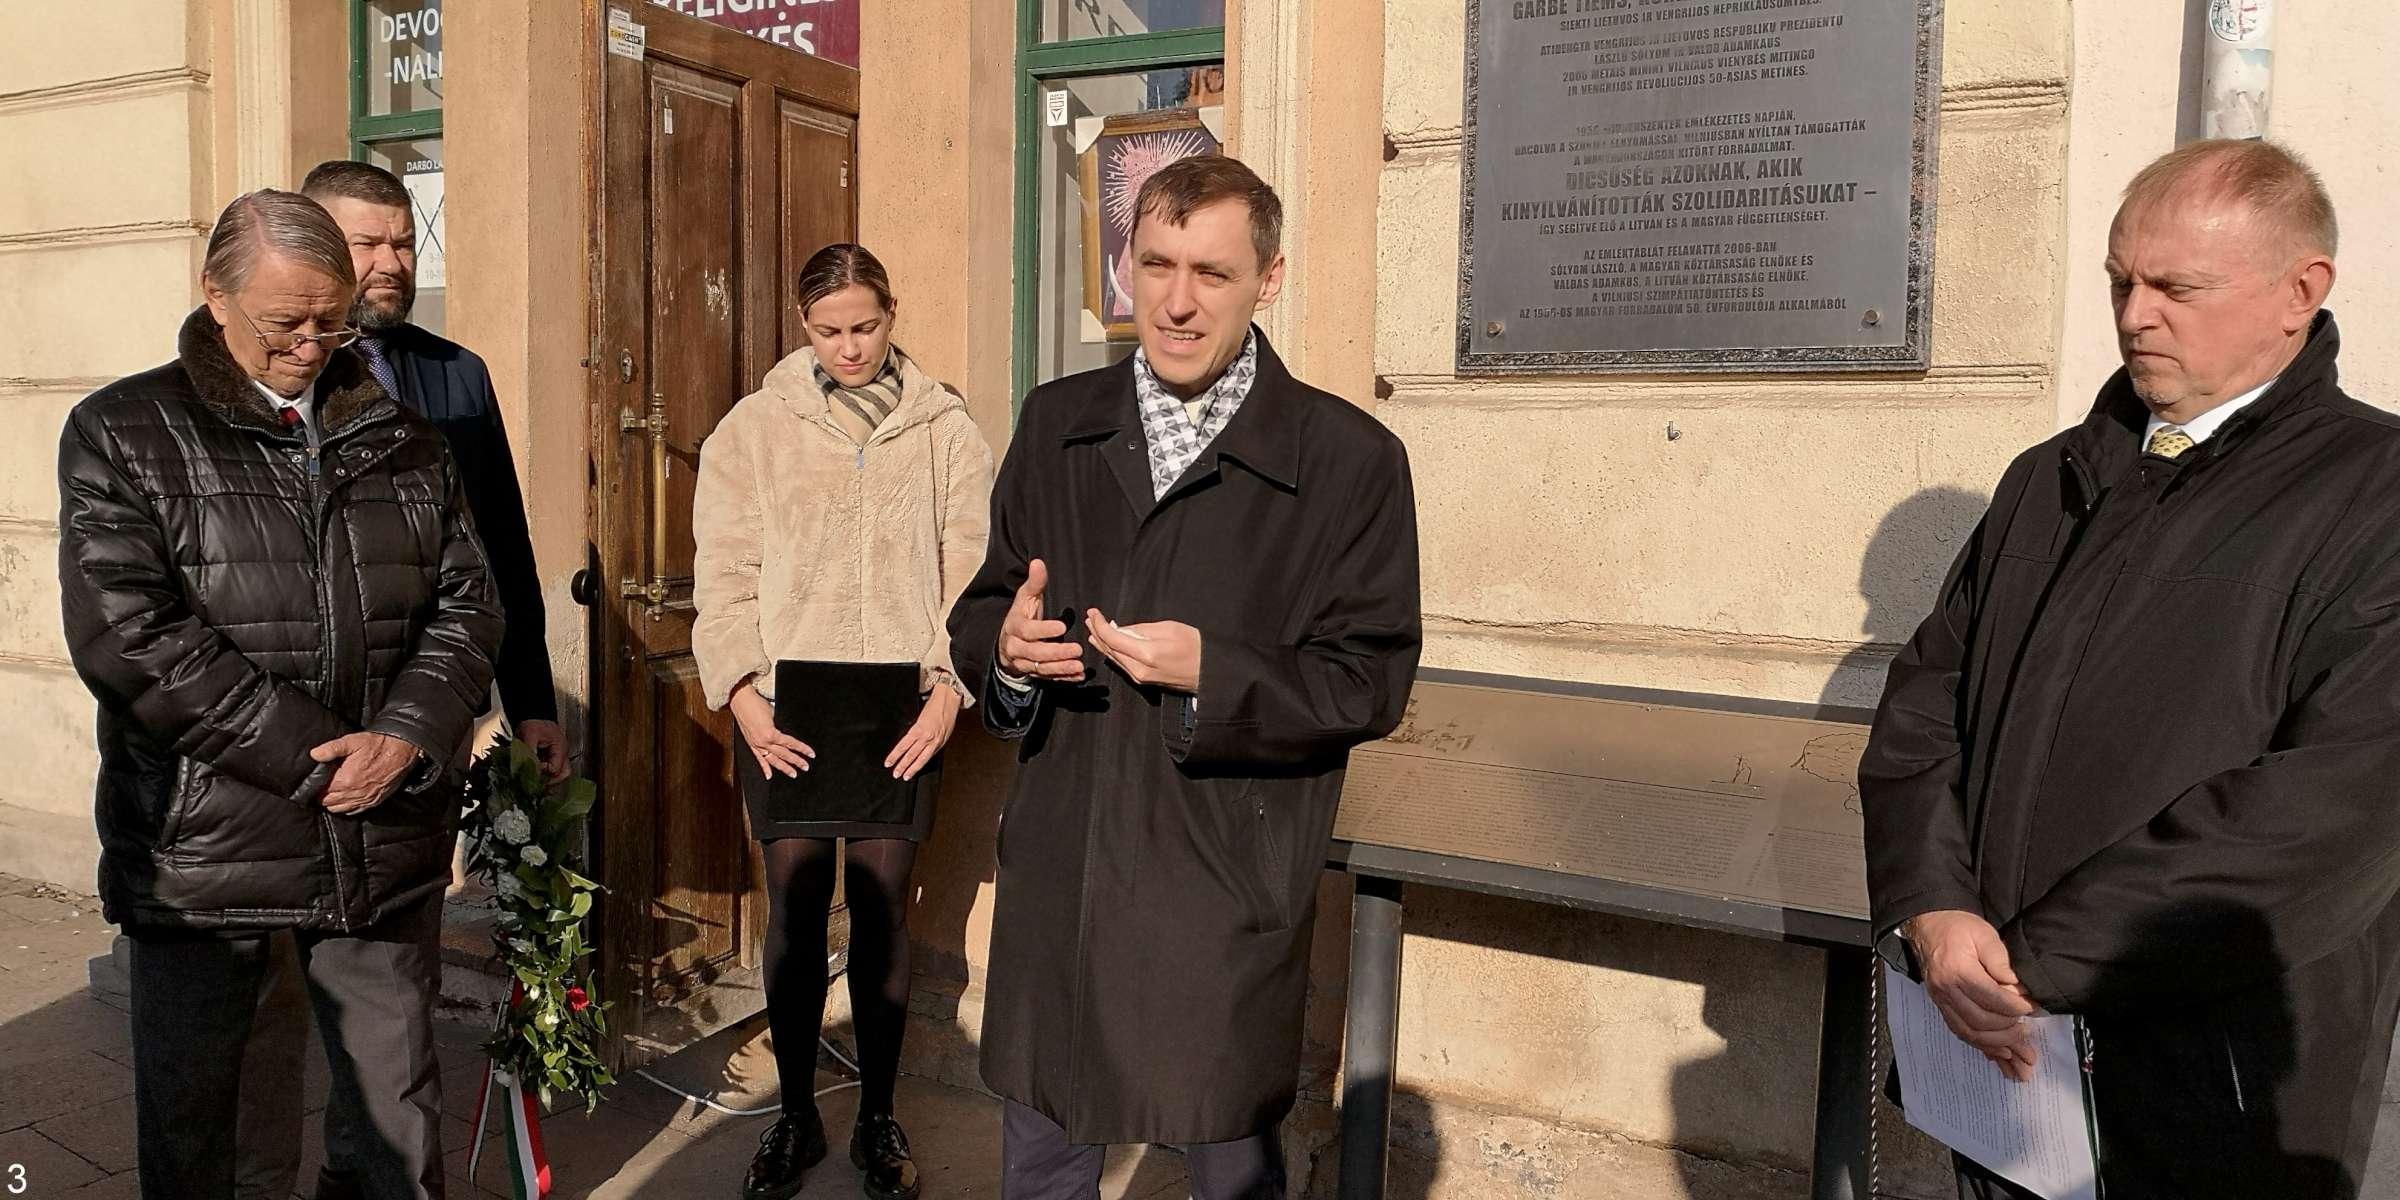 Vilniuje prie Aušros Vartų įrengtos memorialinės lentos kalba istorikas Darius Juodis. Greta jo (dešinėje) - Vengrijos ambasadorius J.E. p. Gaboras Dičaži | E. Paškauskienės ir A. Grigaitienės nuotr.